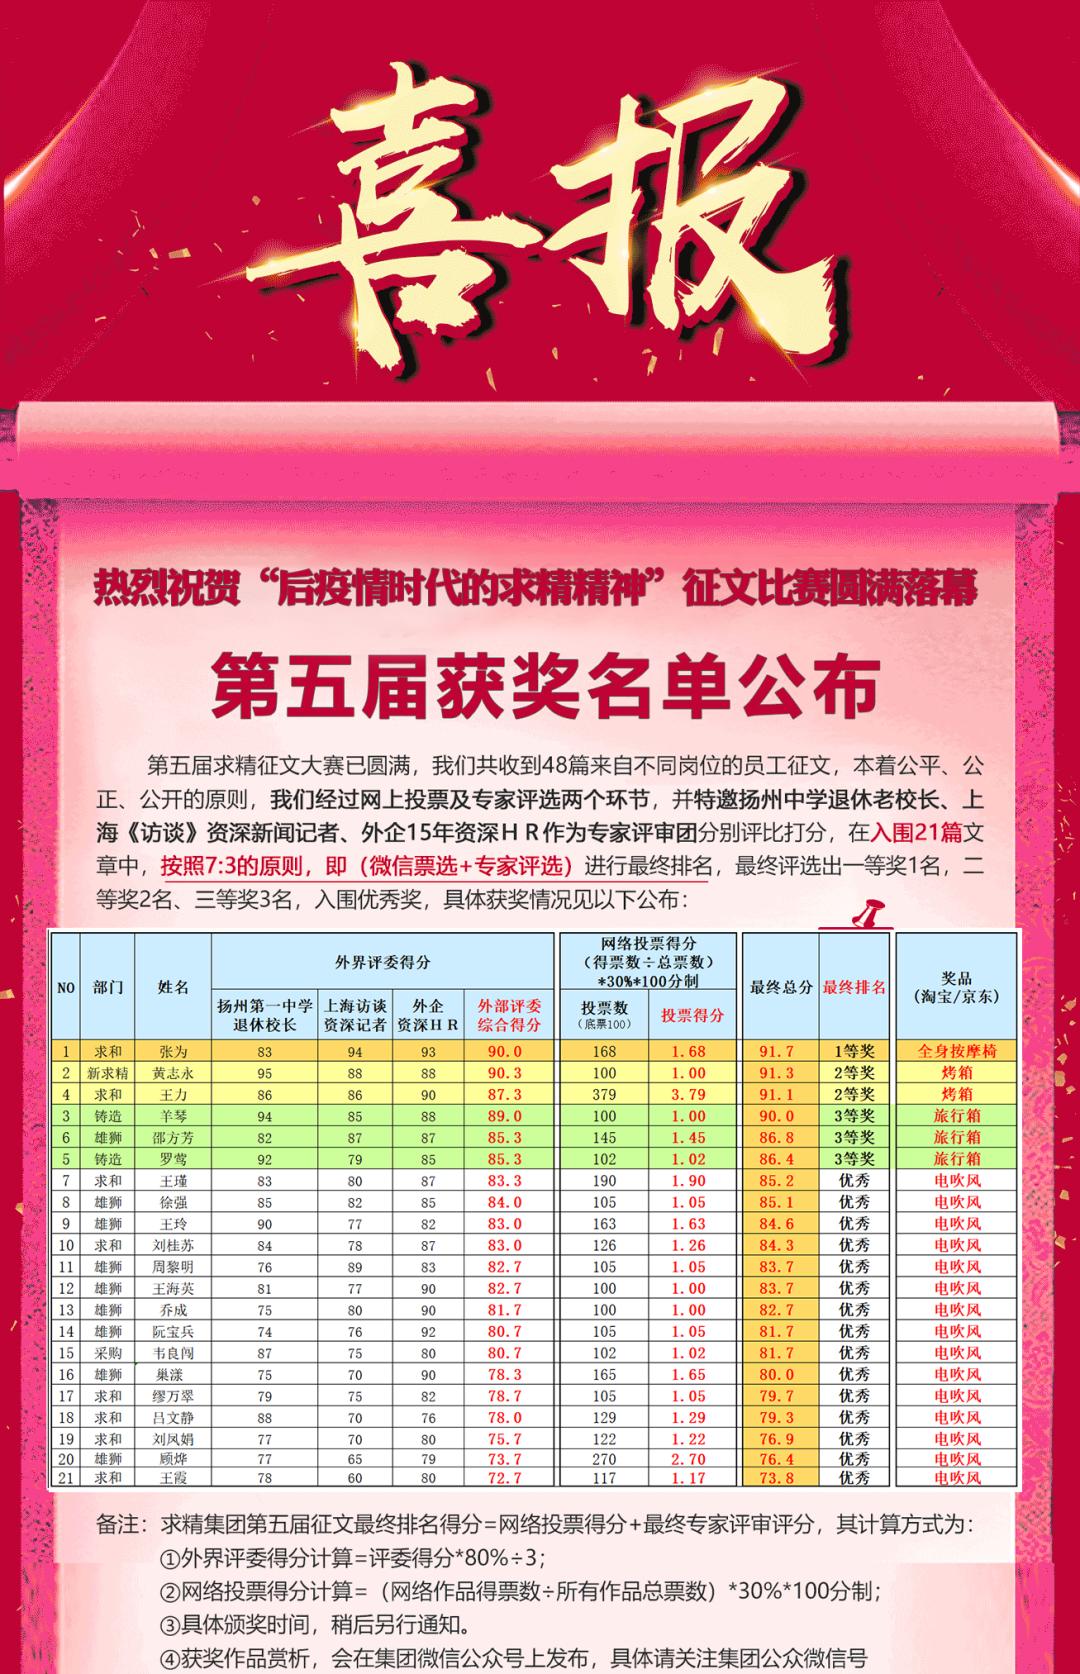 喜报-求精集团第五届征文获奖公布